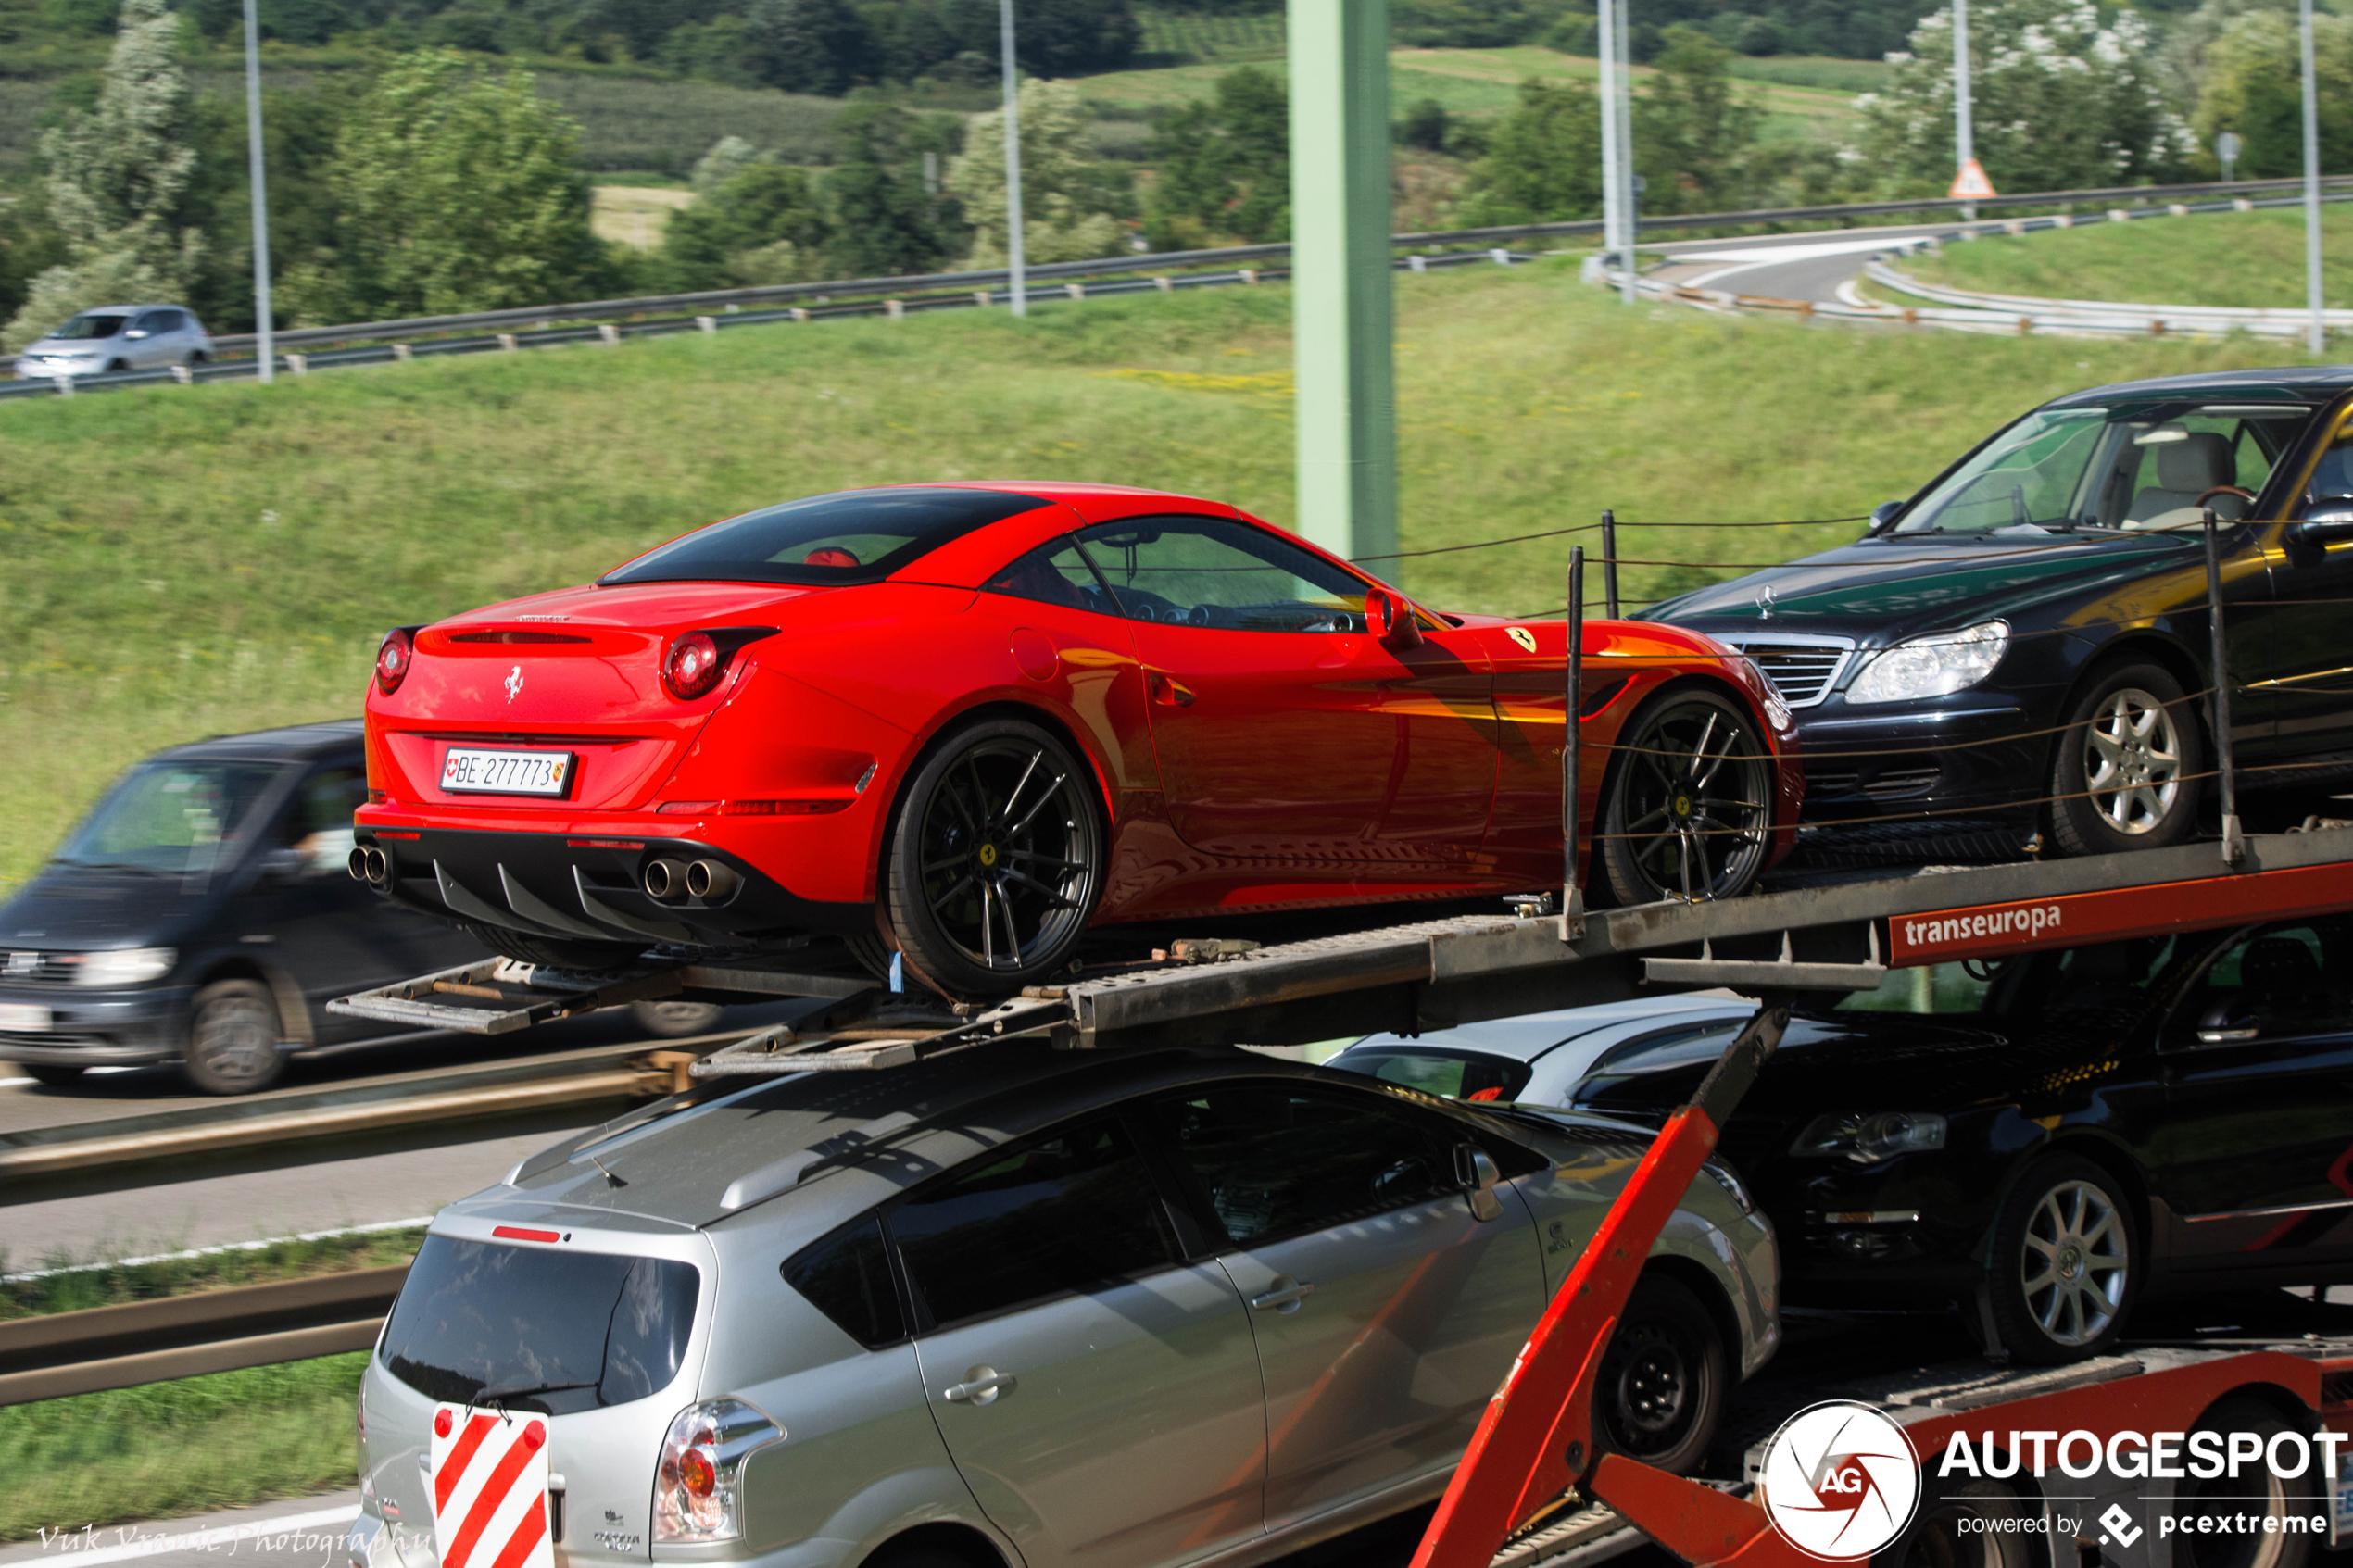 Ferrari California T - 11 april 2020 - Autogespot